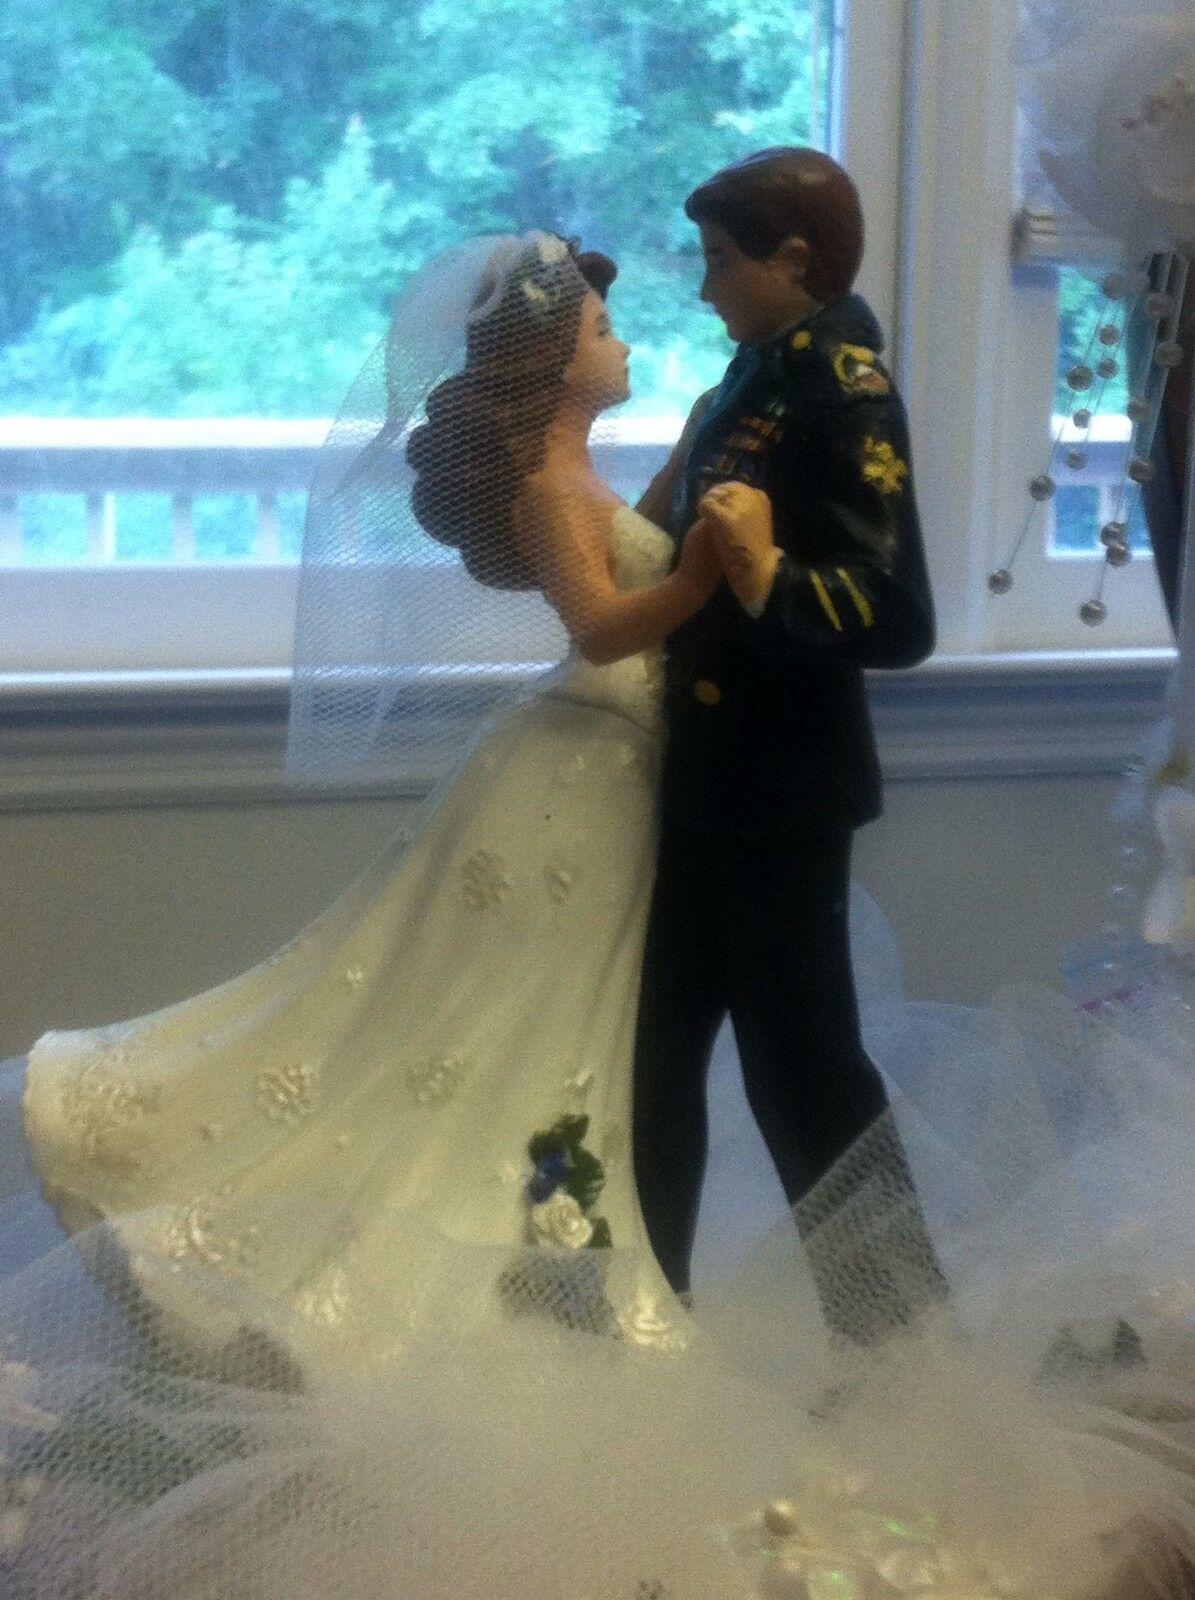 Toute branche  Cake Topper. 6 In (environ 15.24 cm) de haut Soldat et mariée danse.